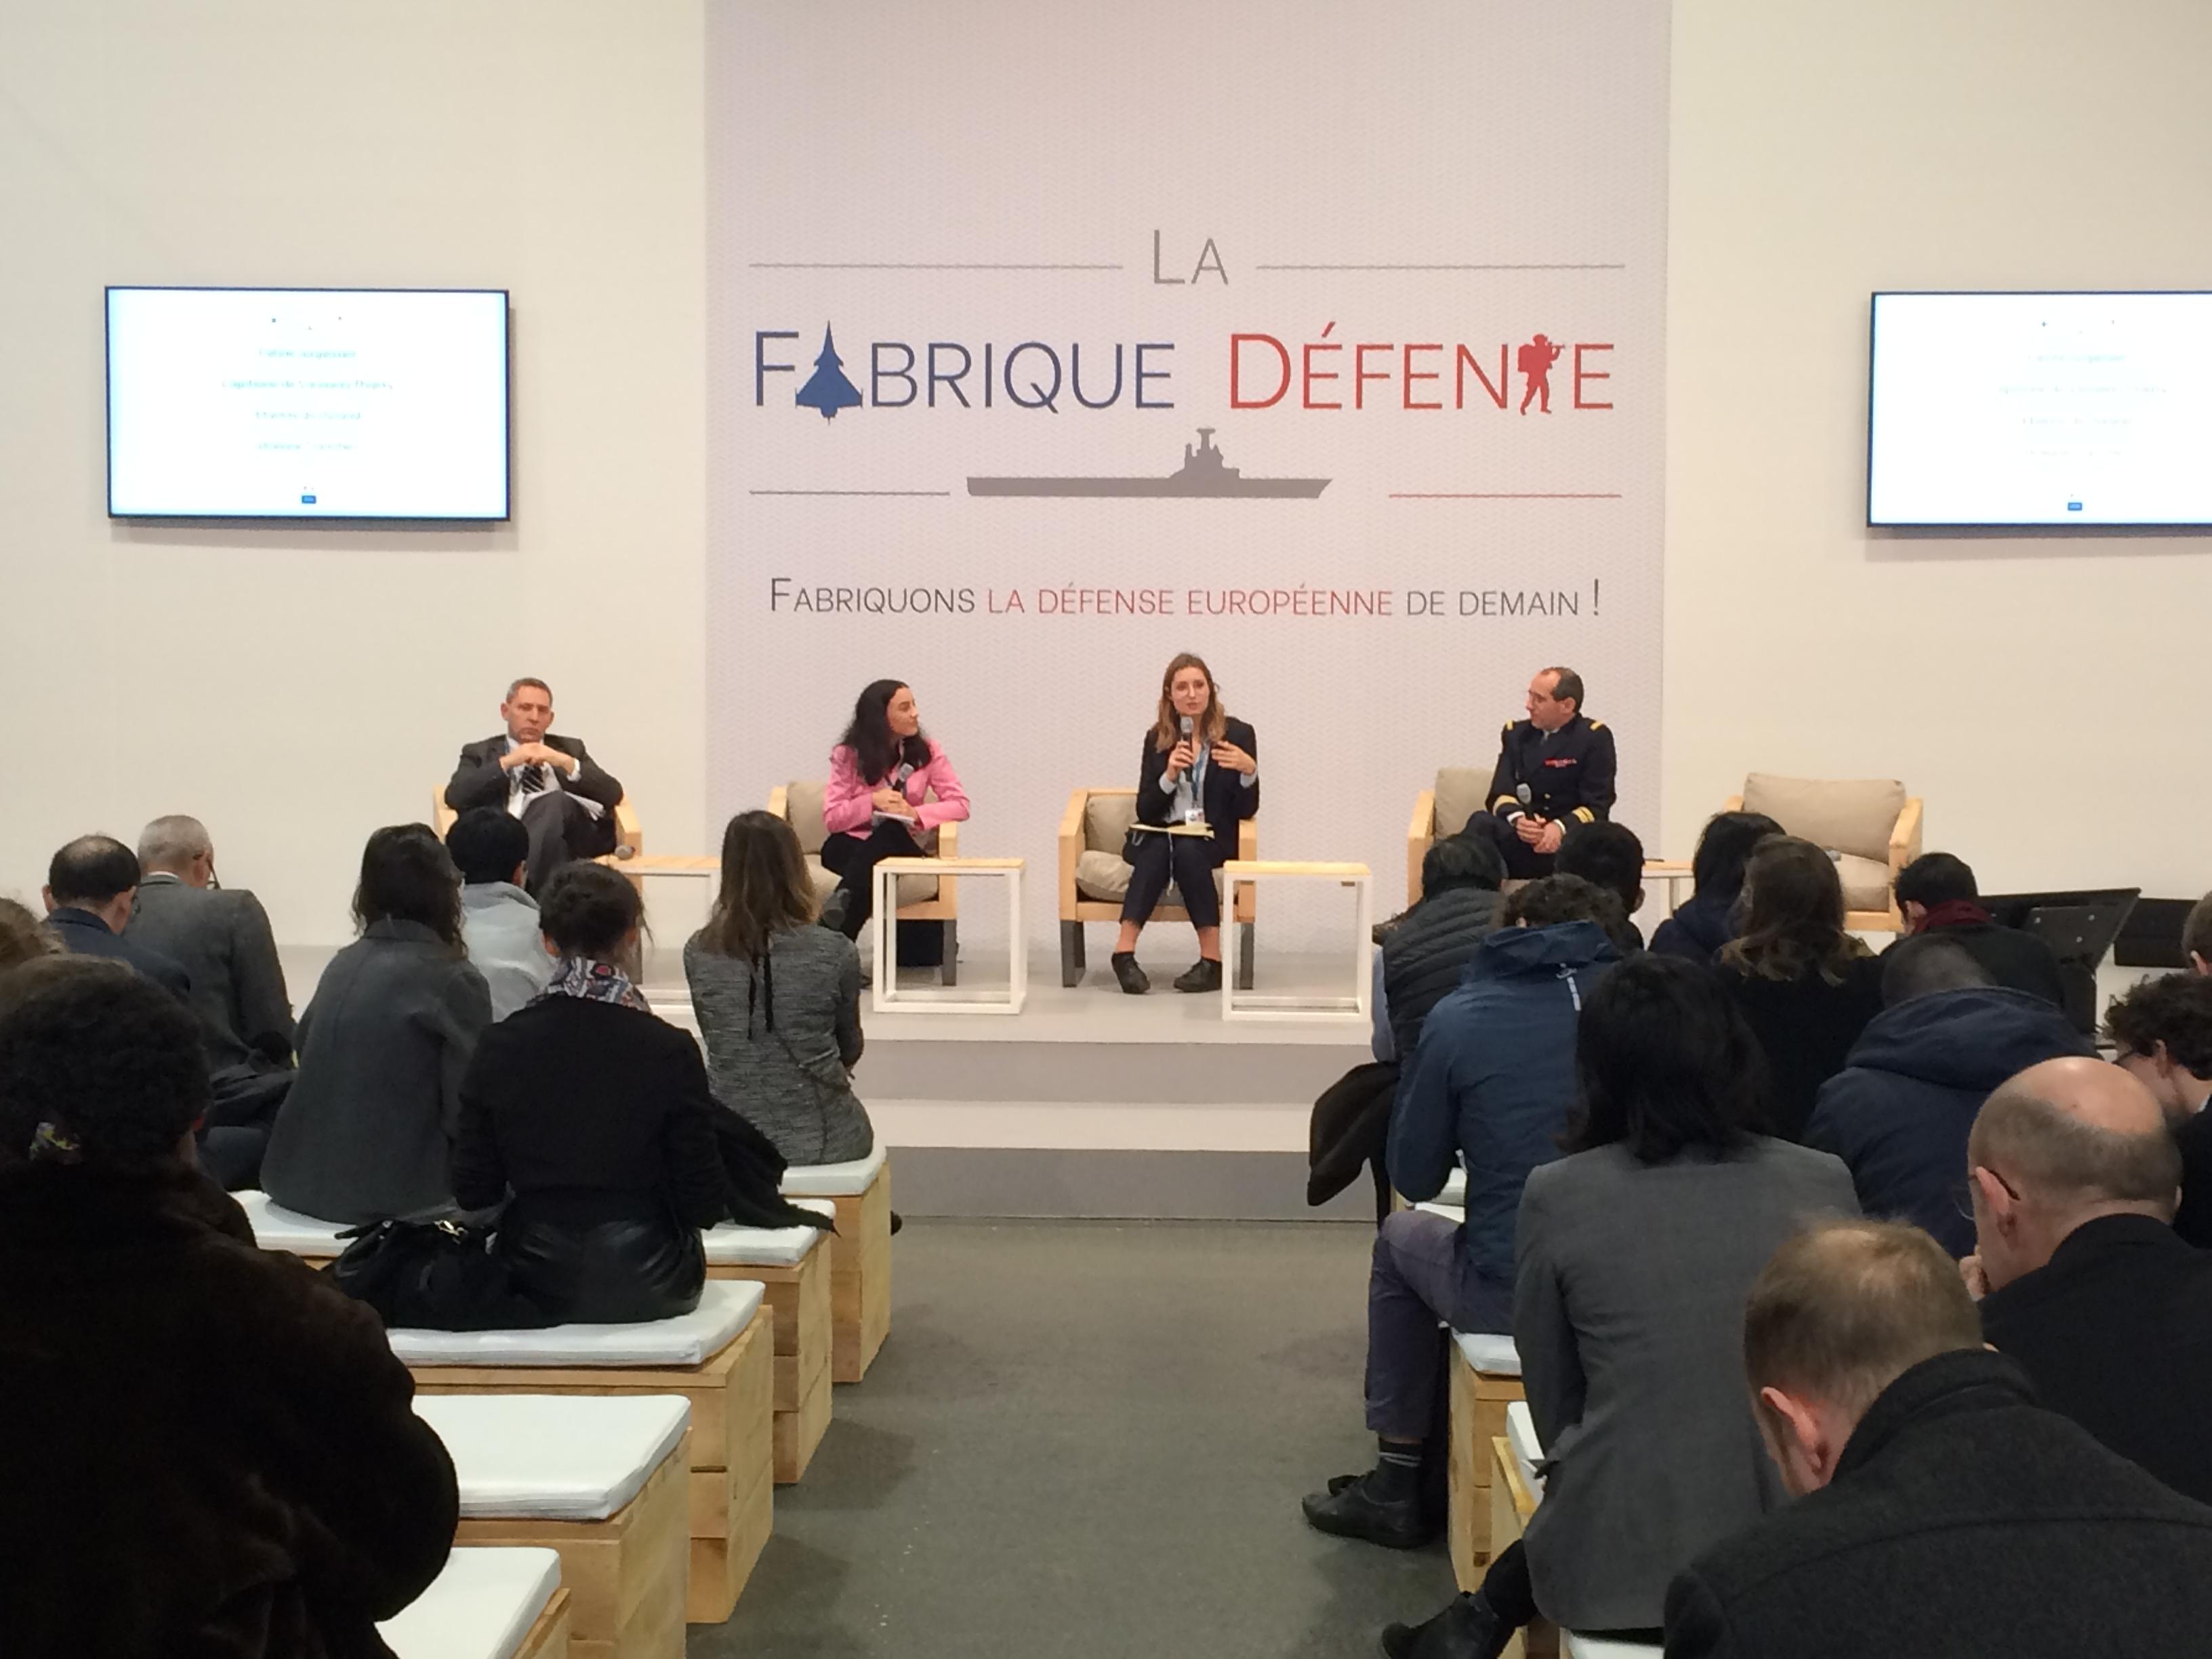 La fabrique défense-Parisn2